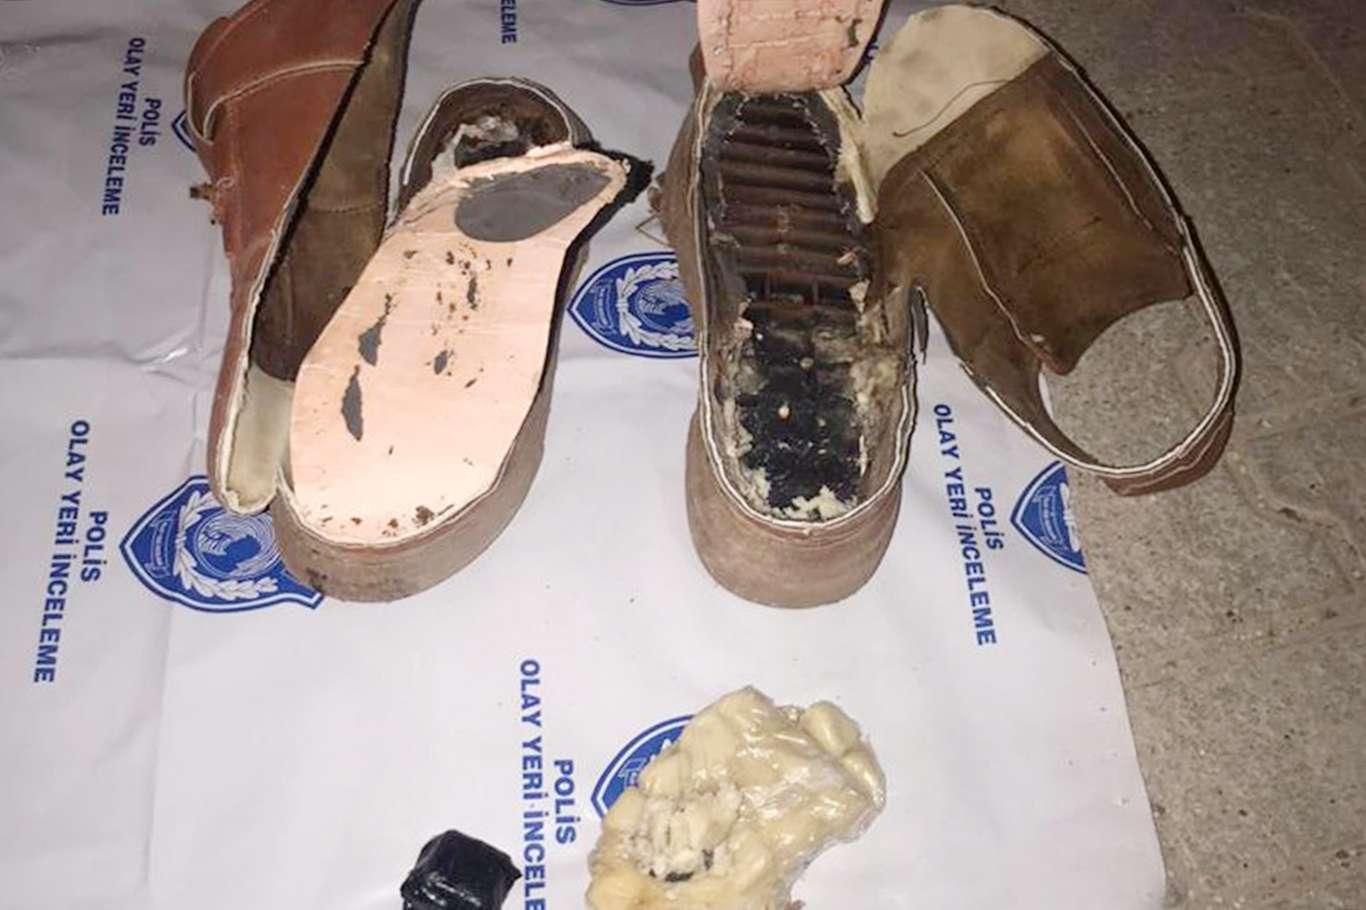 Ayakkabının Tabanına Patlayıcı Gizleyen Şahıs Böyle Yakalandı